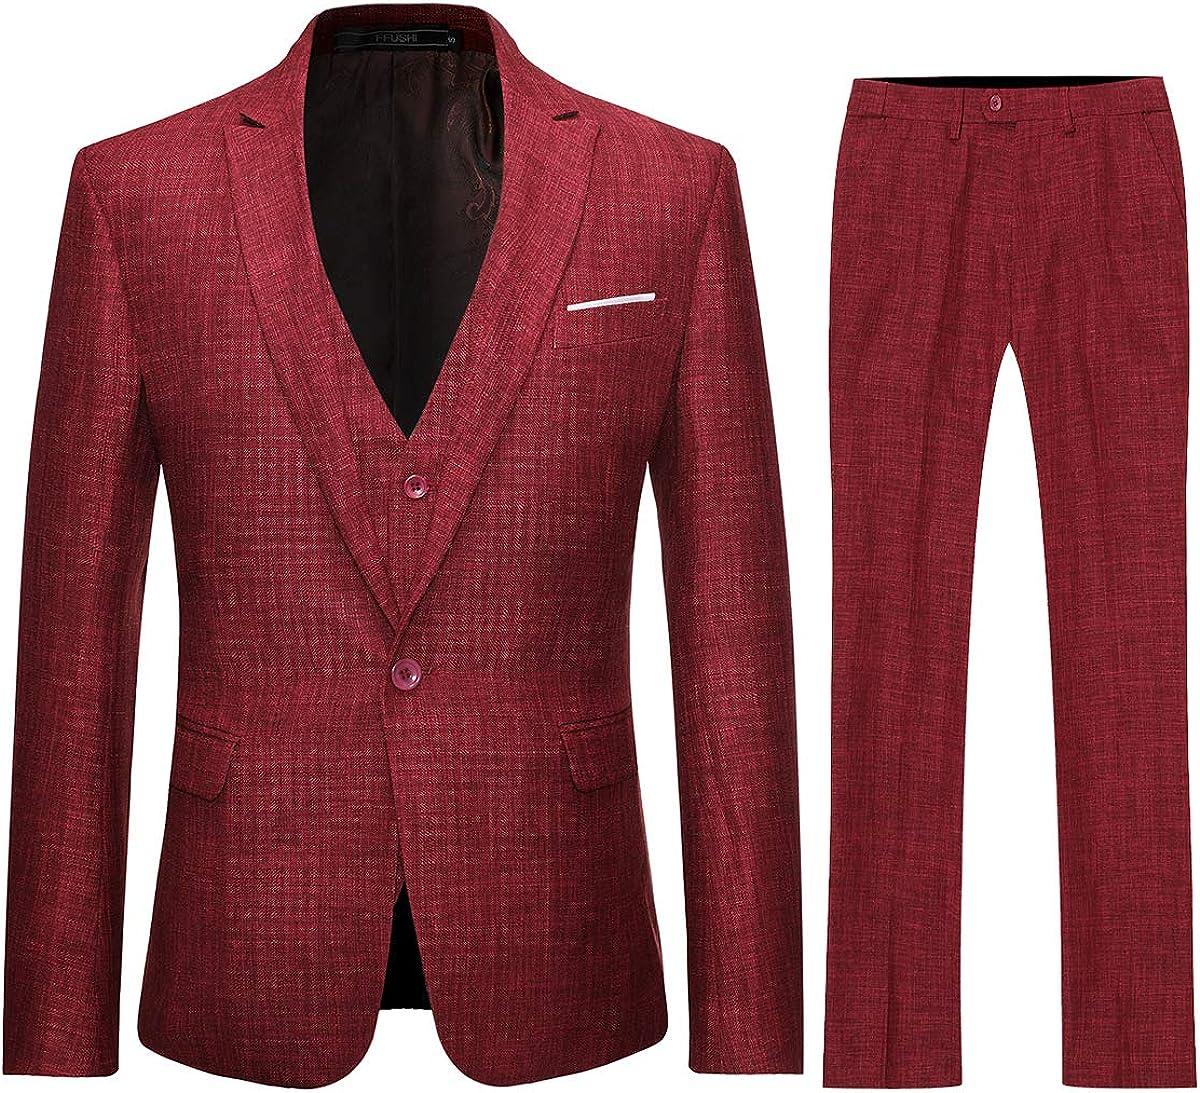 Mens Linen Suit 3 Piece Formal Suit Set Classic Fit Blazer Wedding Jacket Outfit